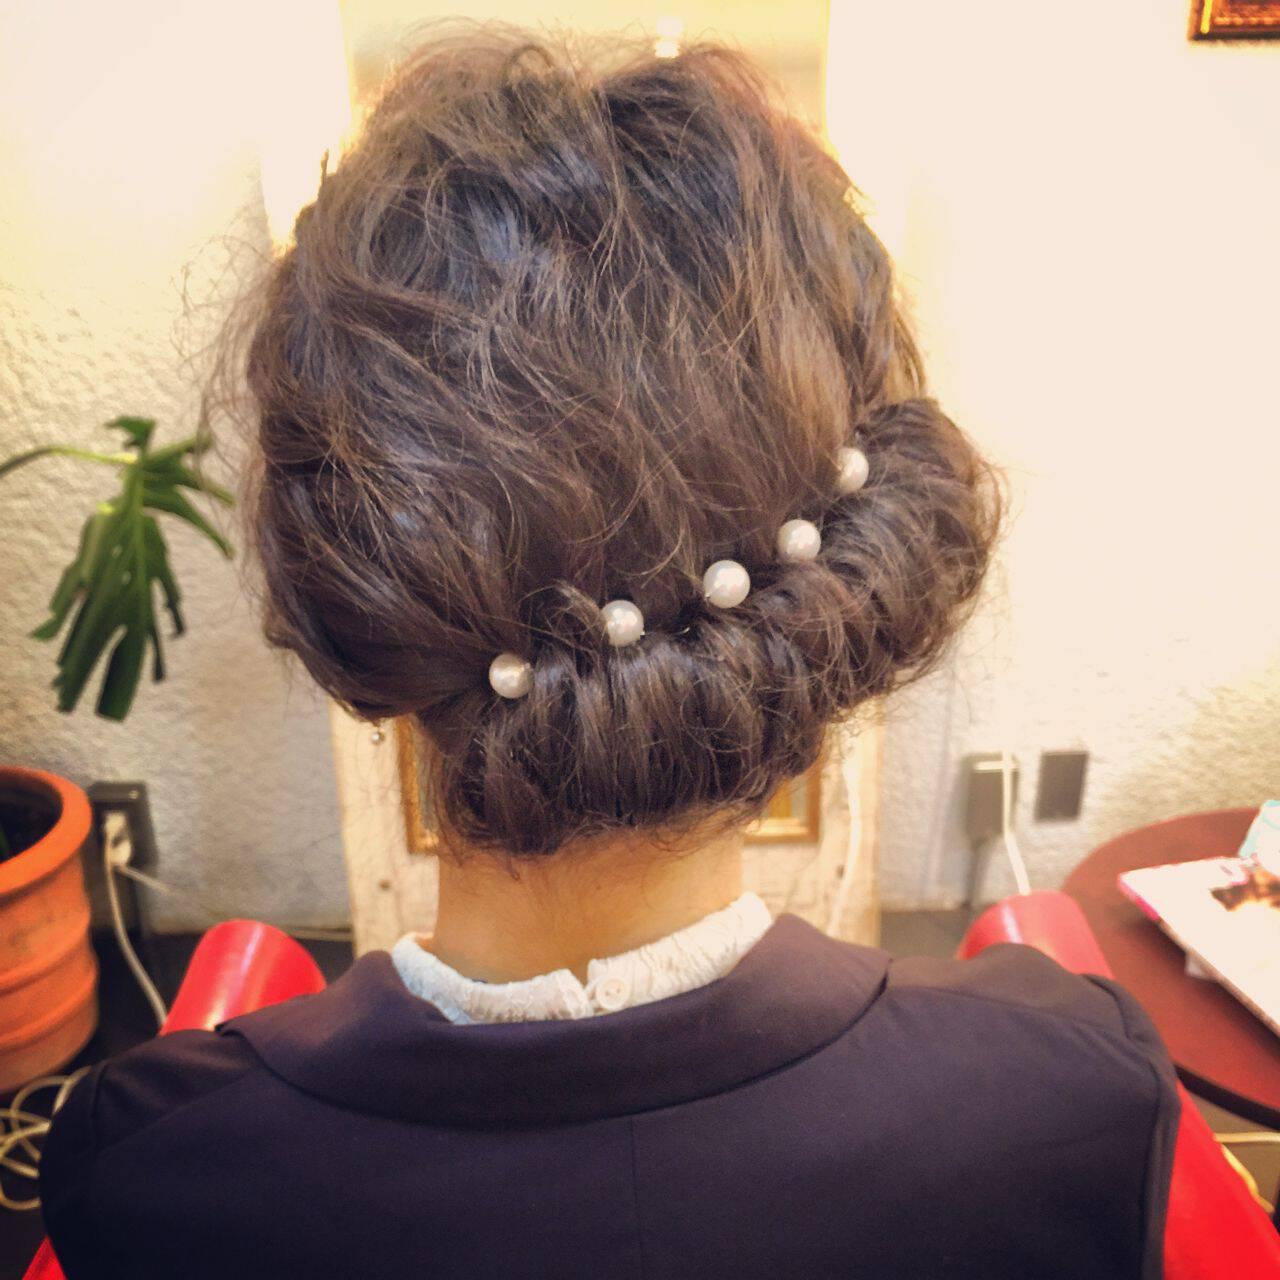 ギブソンタック ヘアアレンジ ナチュラル 春ヘアスタイルや髪型の写真・画像